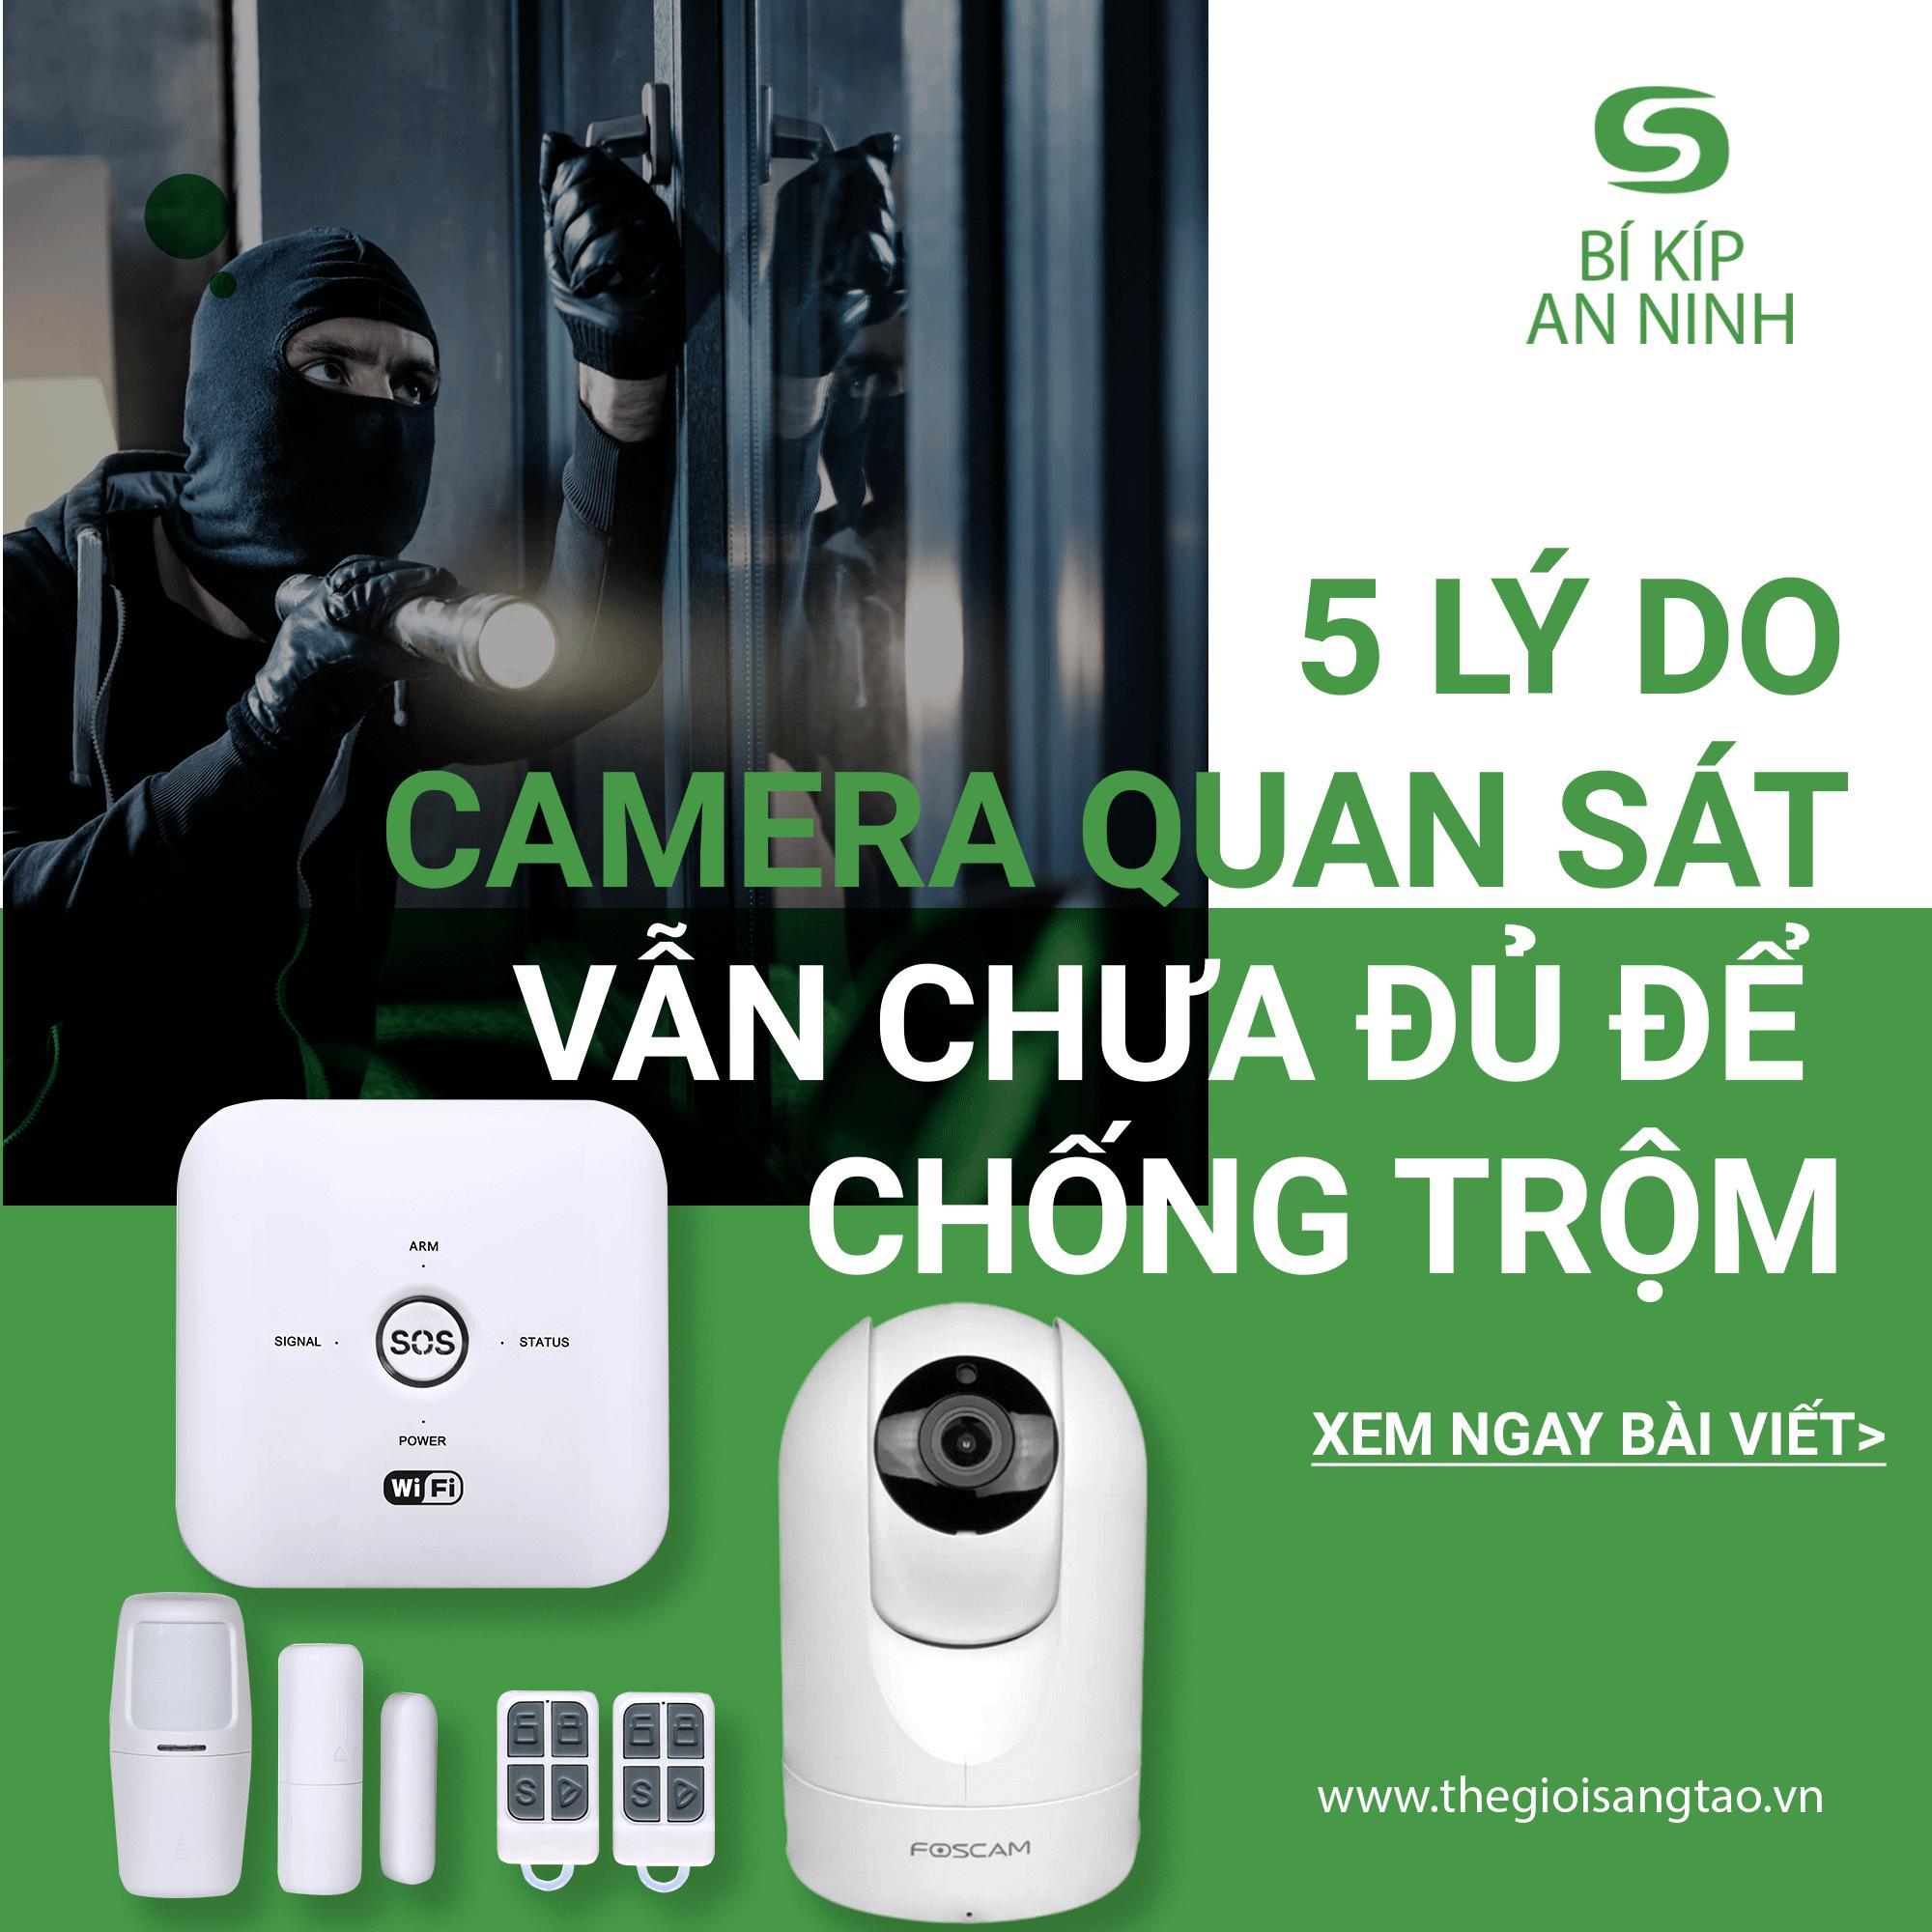 5 lý do tại sao chỉ lắp camera an ninh để chống trộm là chưa đủ